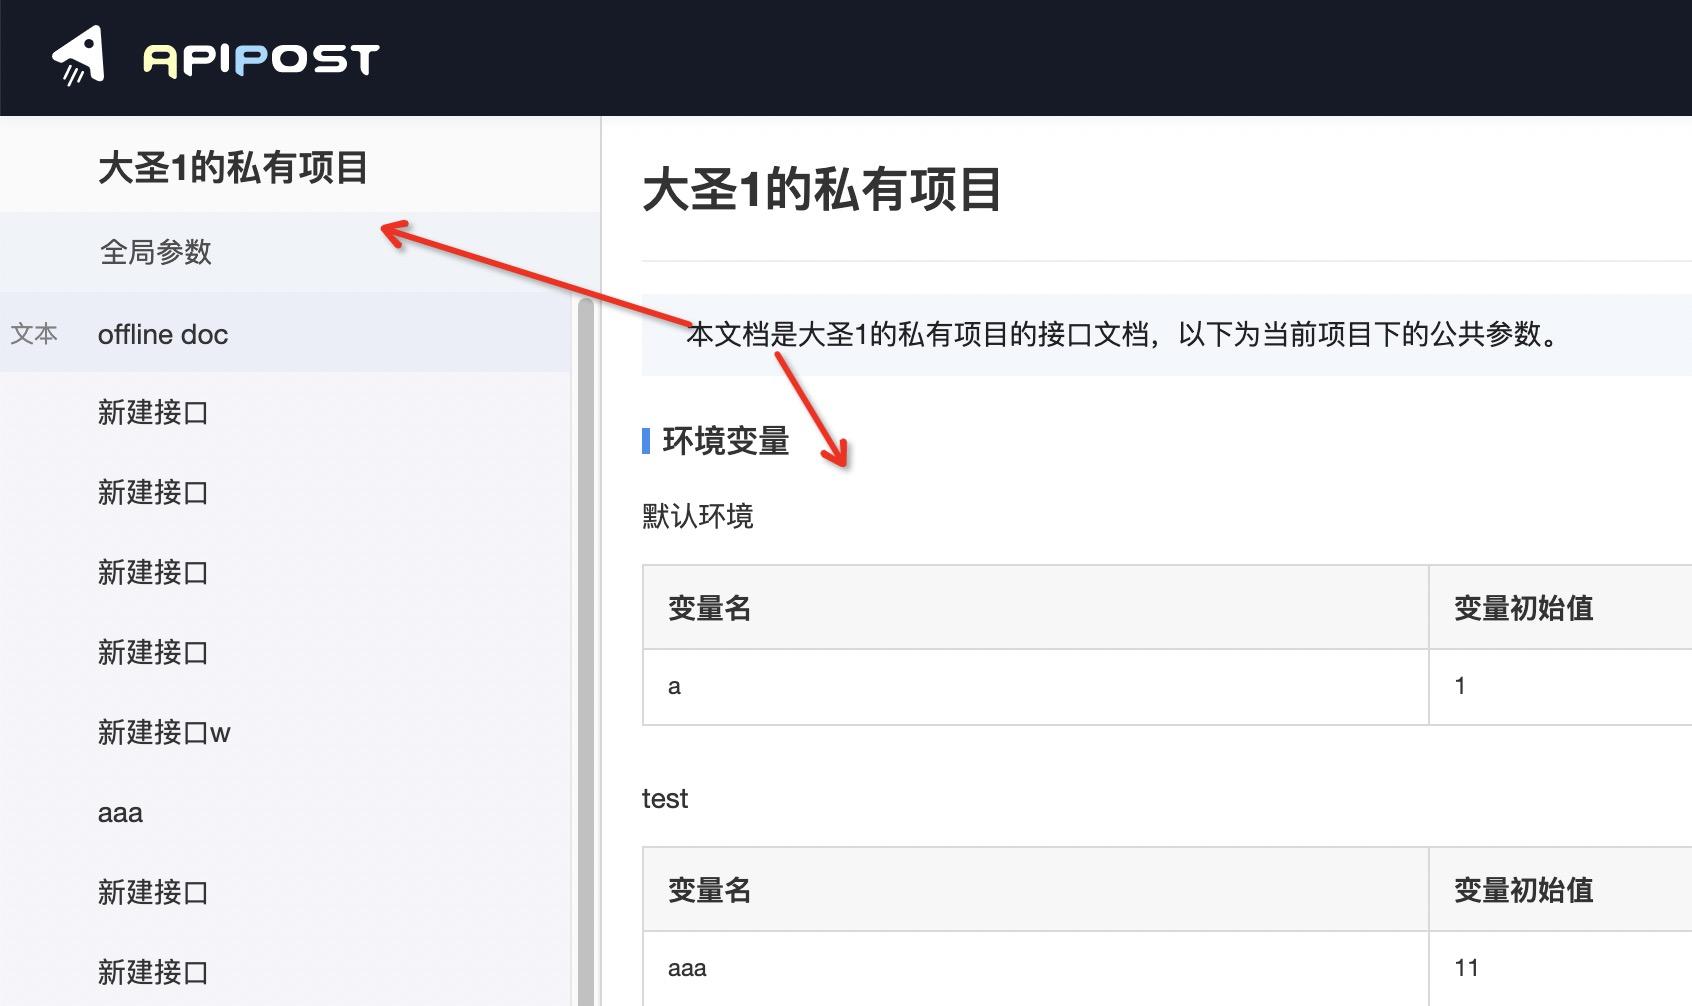 现在分享接口文档,在线查看的时候, 右上角看不到配置的变量了么